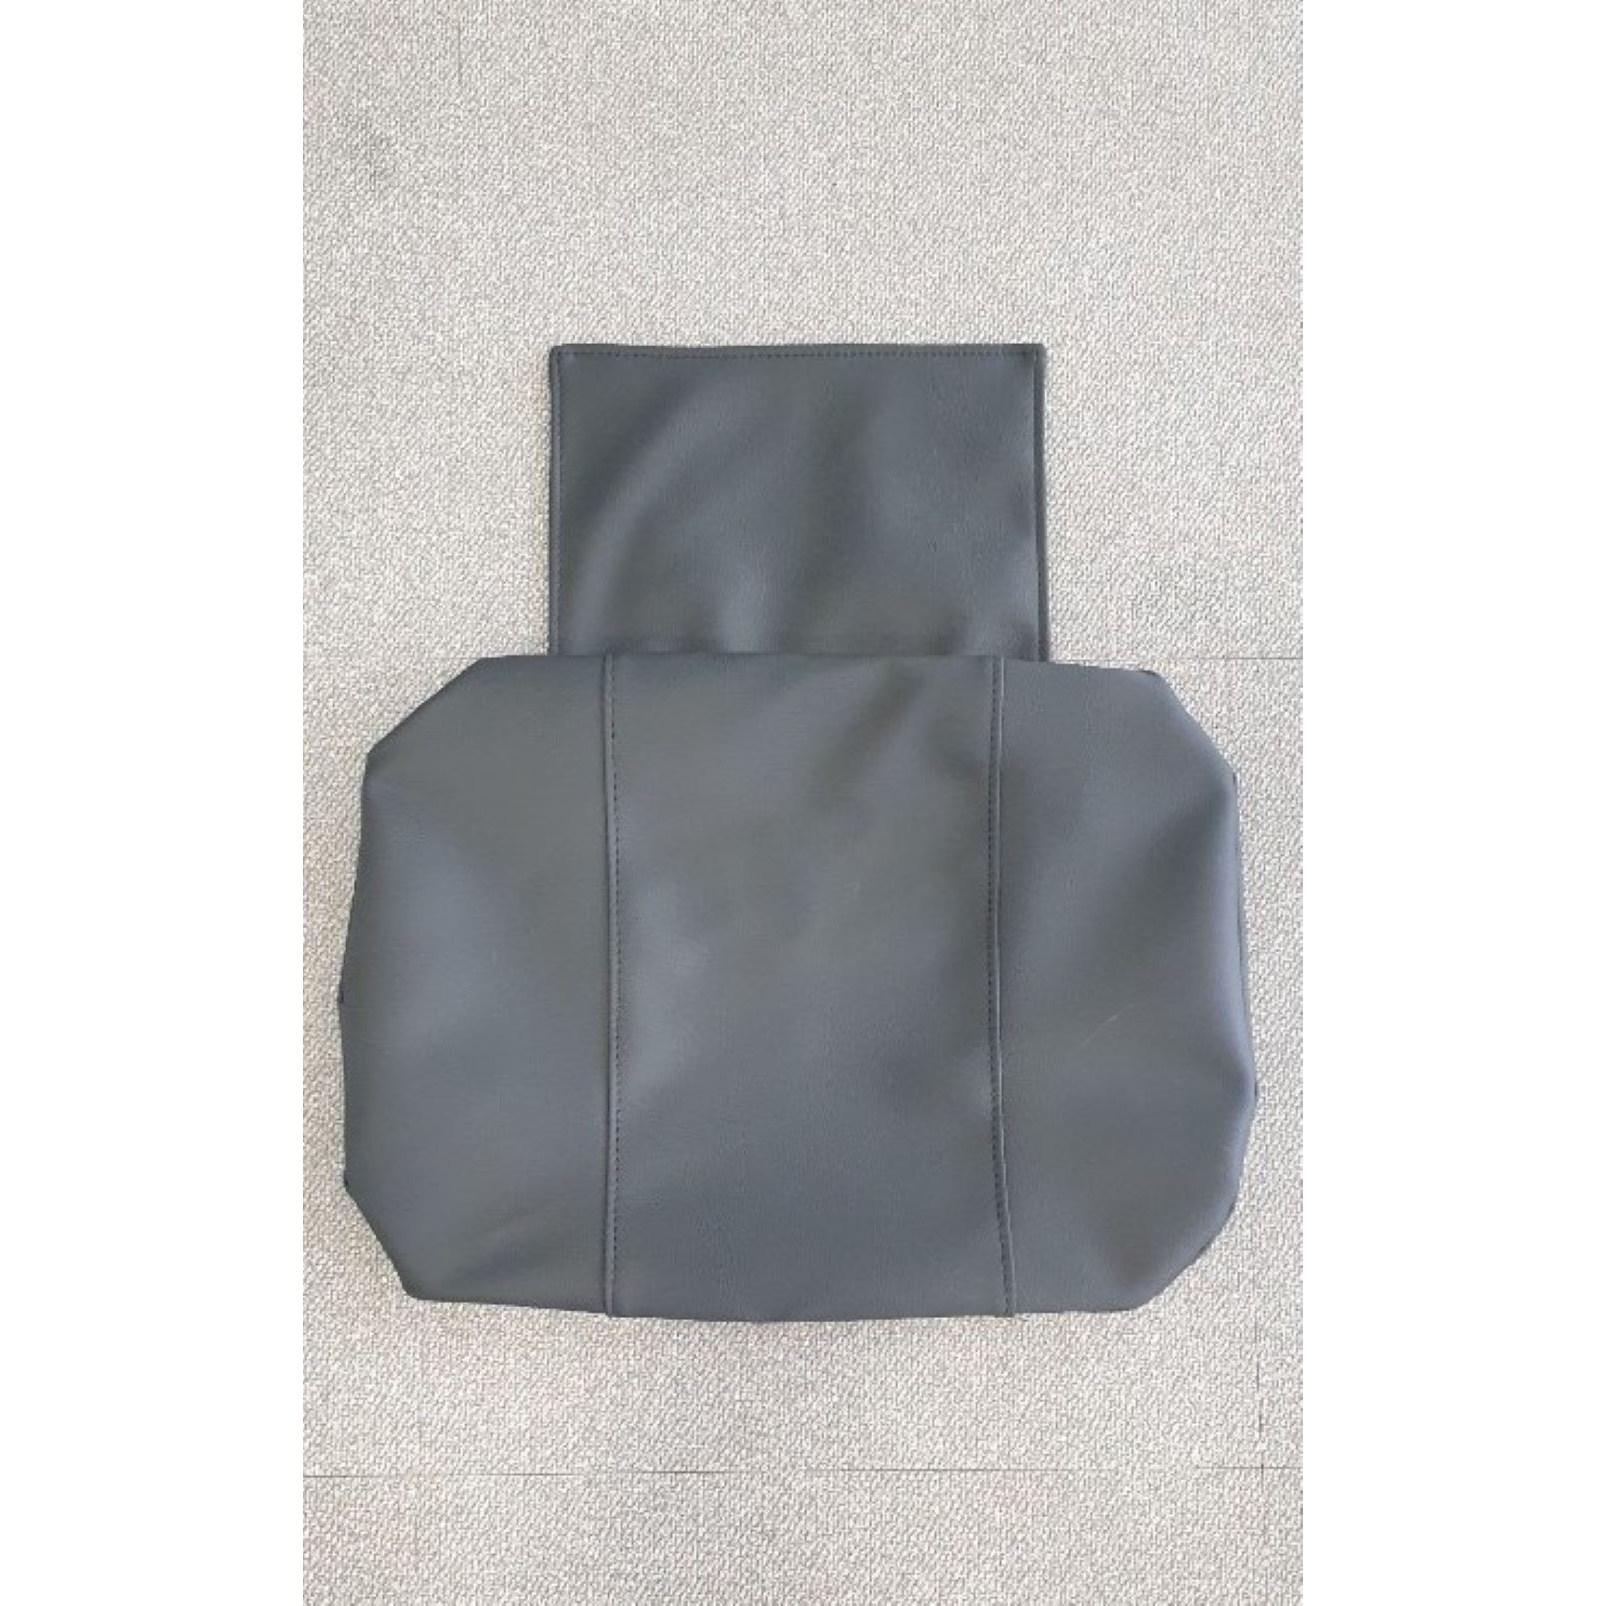 웅진코웨이 MC-02 안마의자 머리패드 (머리커버) 웅진코웨이 안마의자 머리외피 웅진코웨이 안마의자 머리쿠션 웅진코웨이 안마의자 머리시트